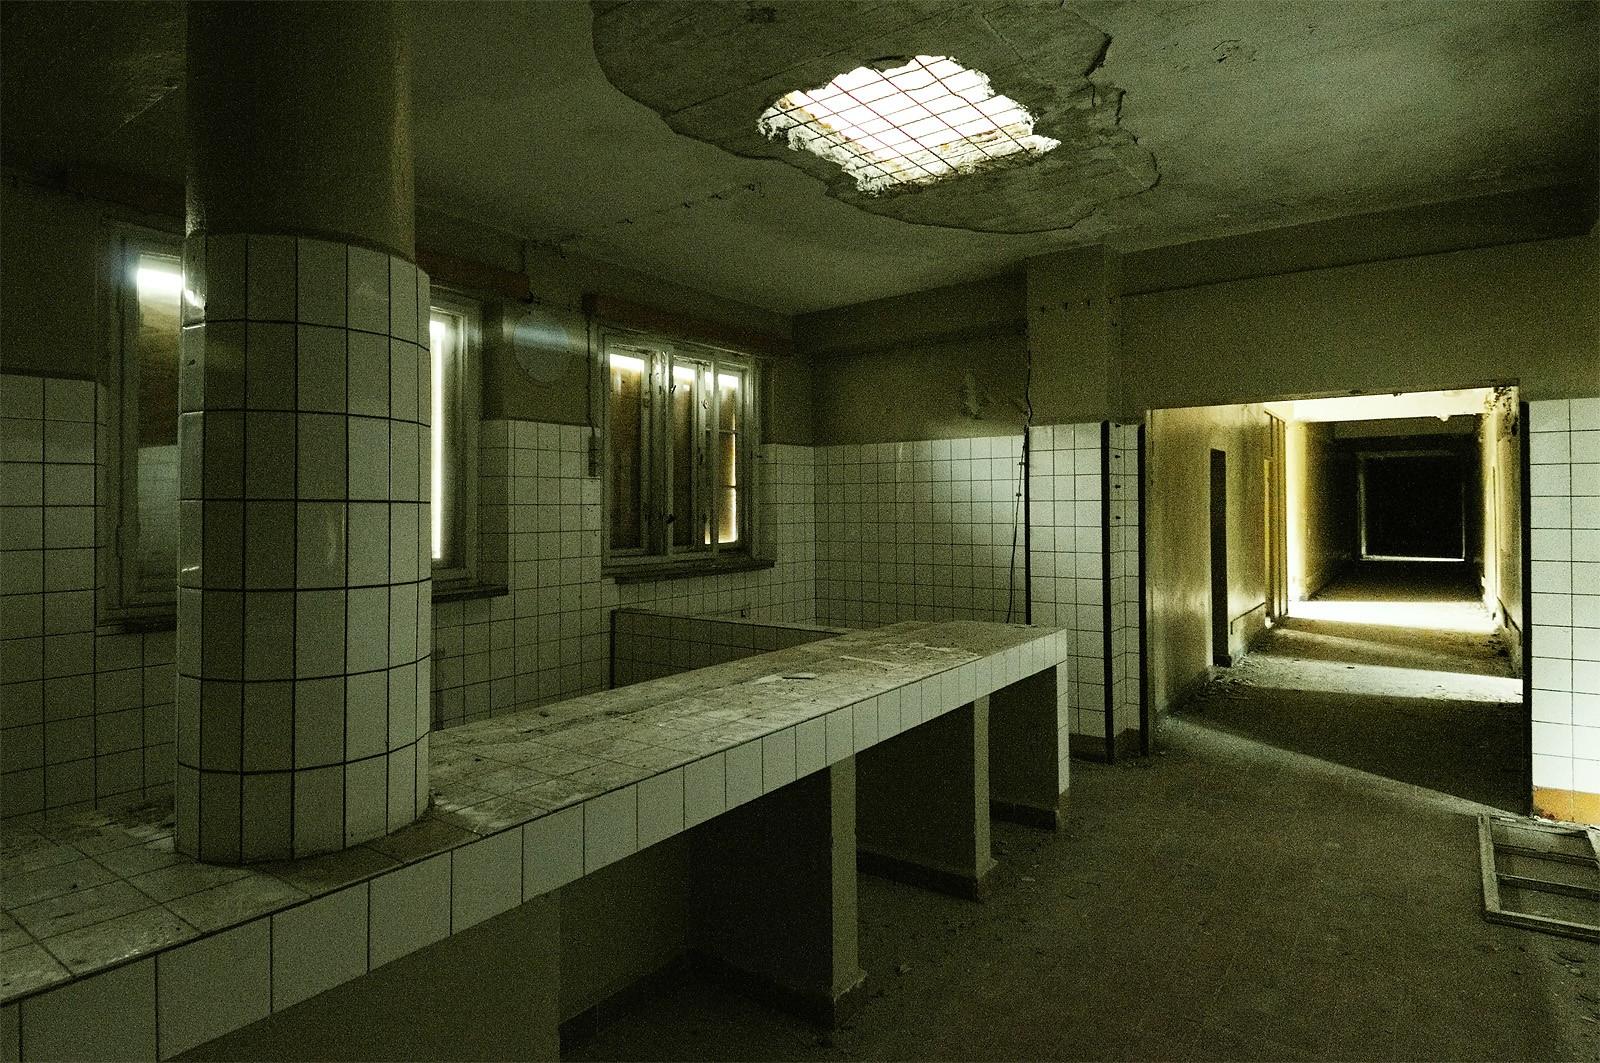 Une cuisine du bâtiment nazi